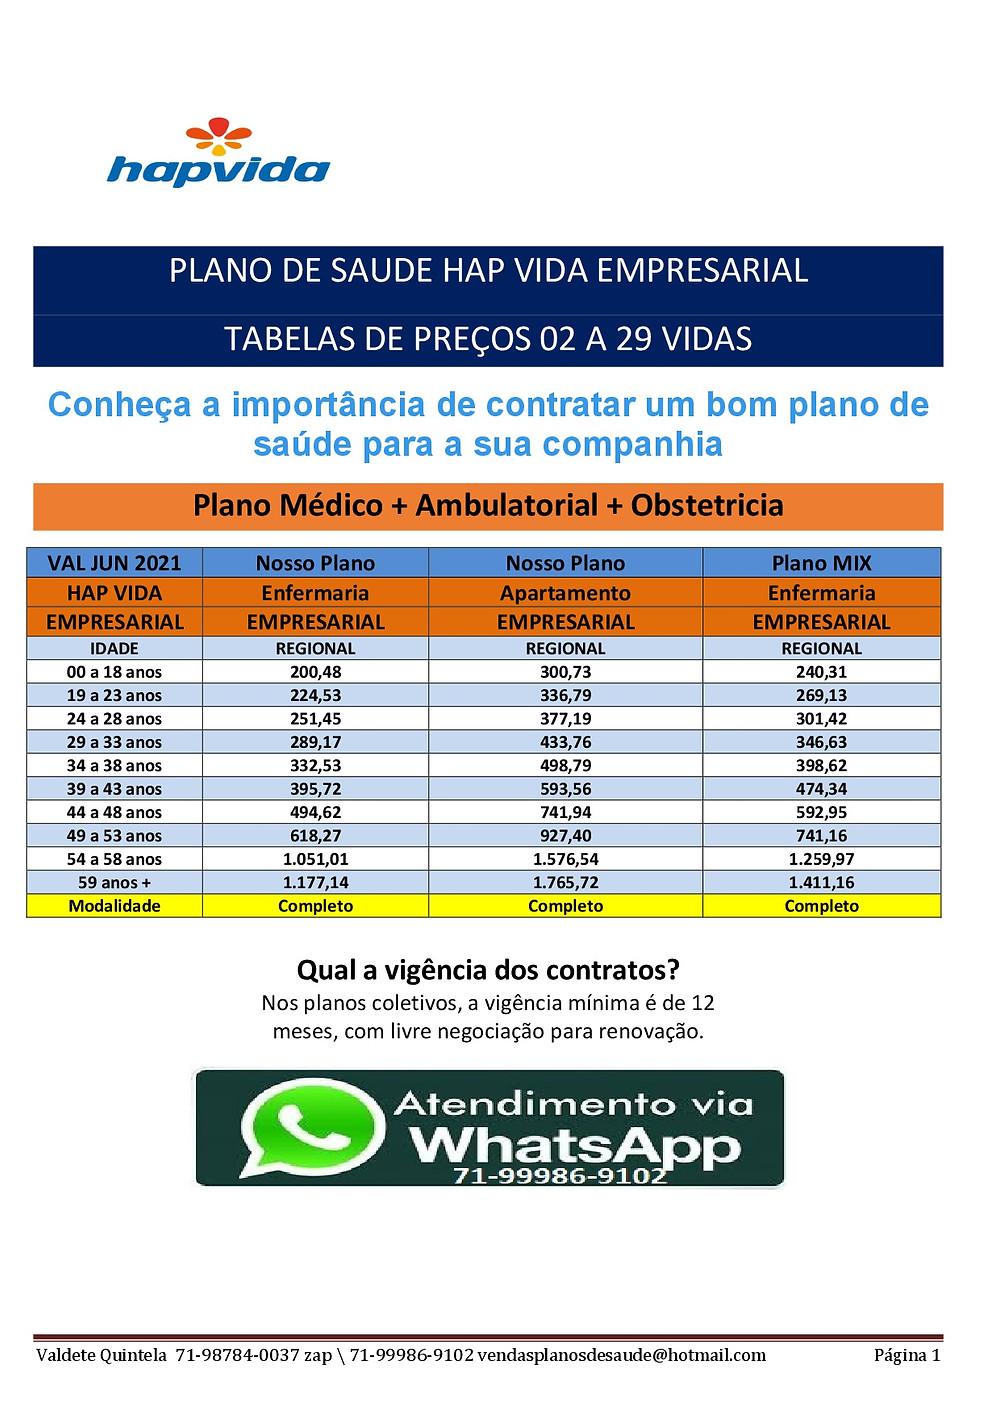 PLANOS DE SAUDE HAPVIDA - TABELA DE PREÇOS